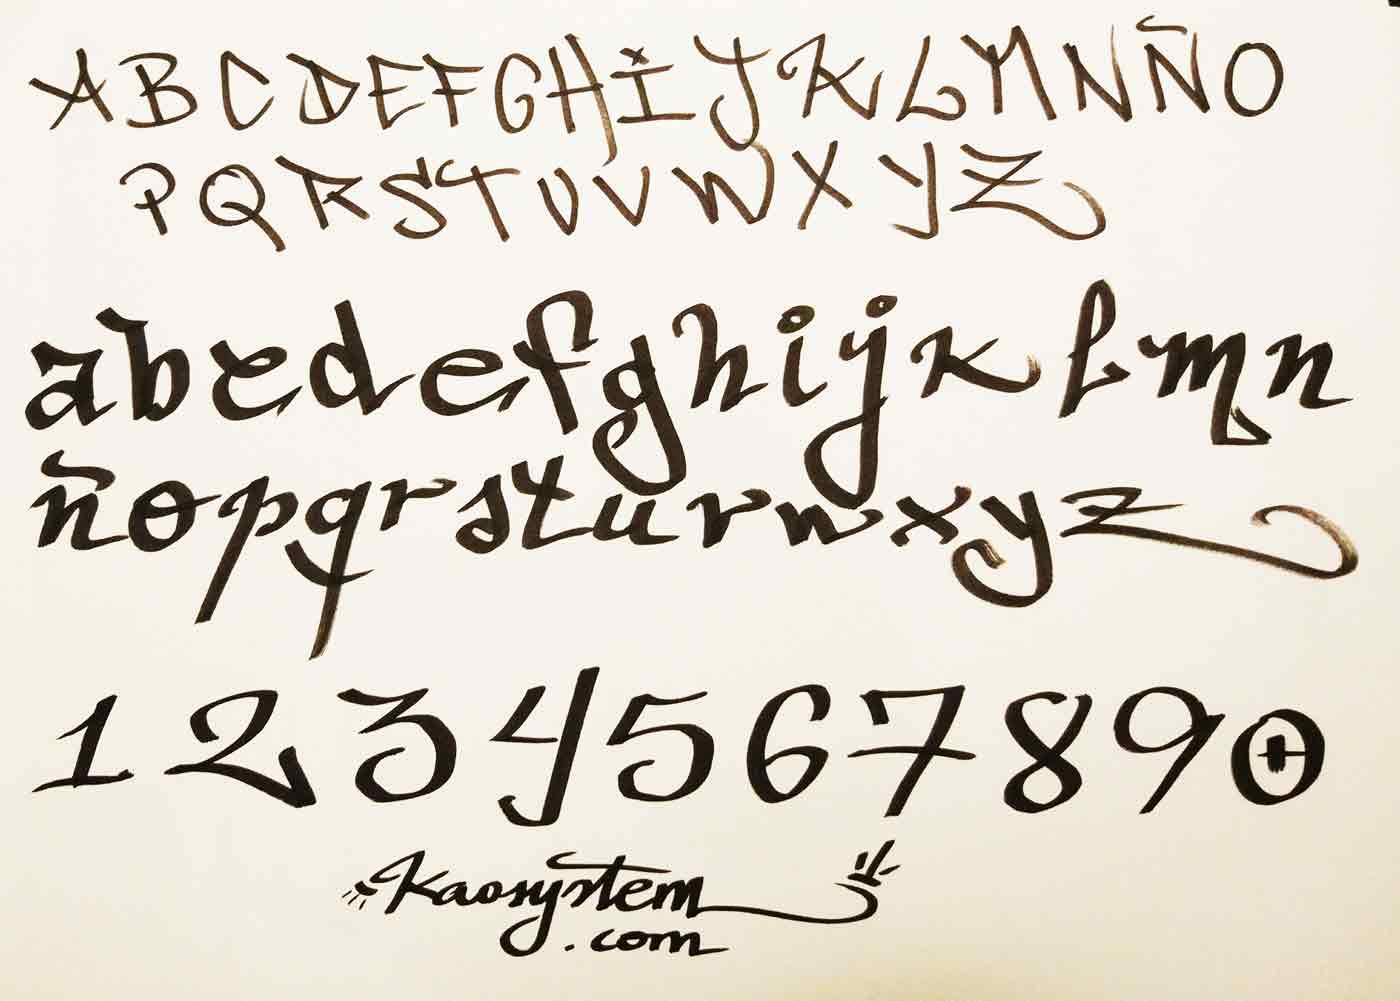 abecedario letras de graffiti